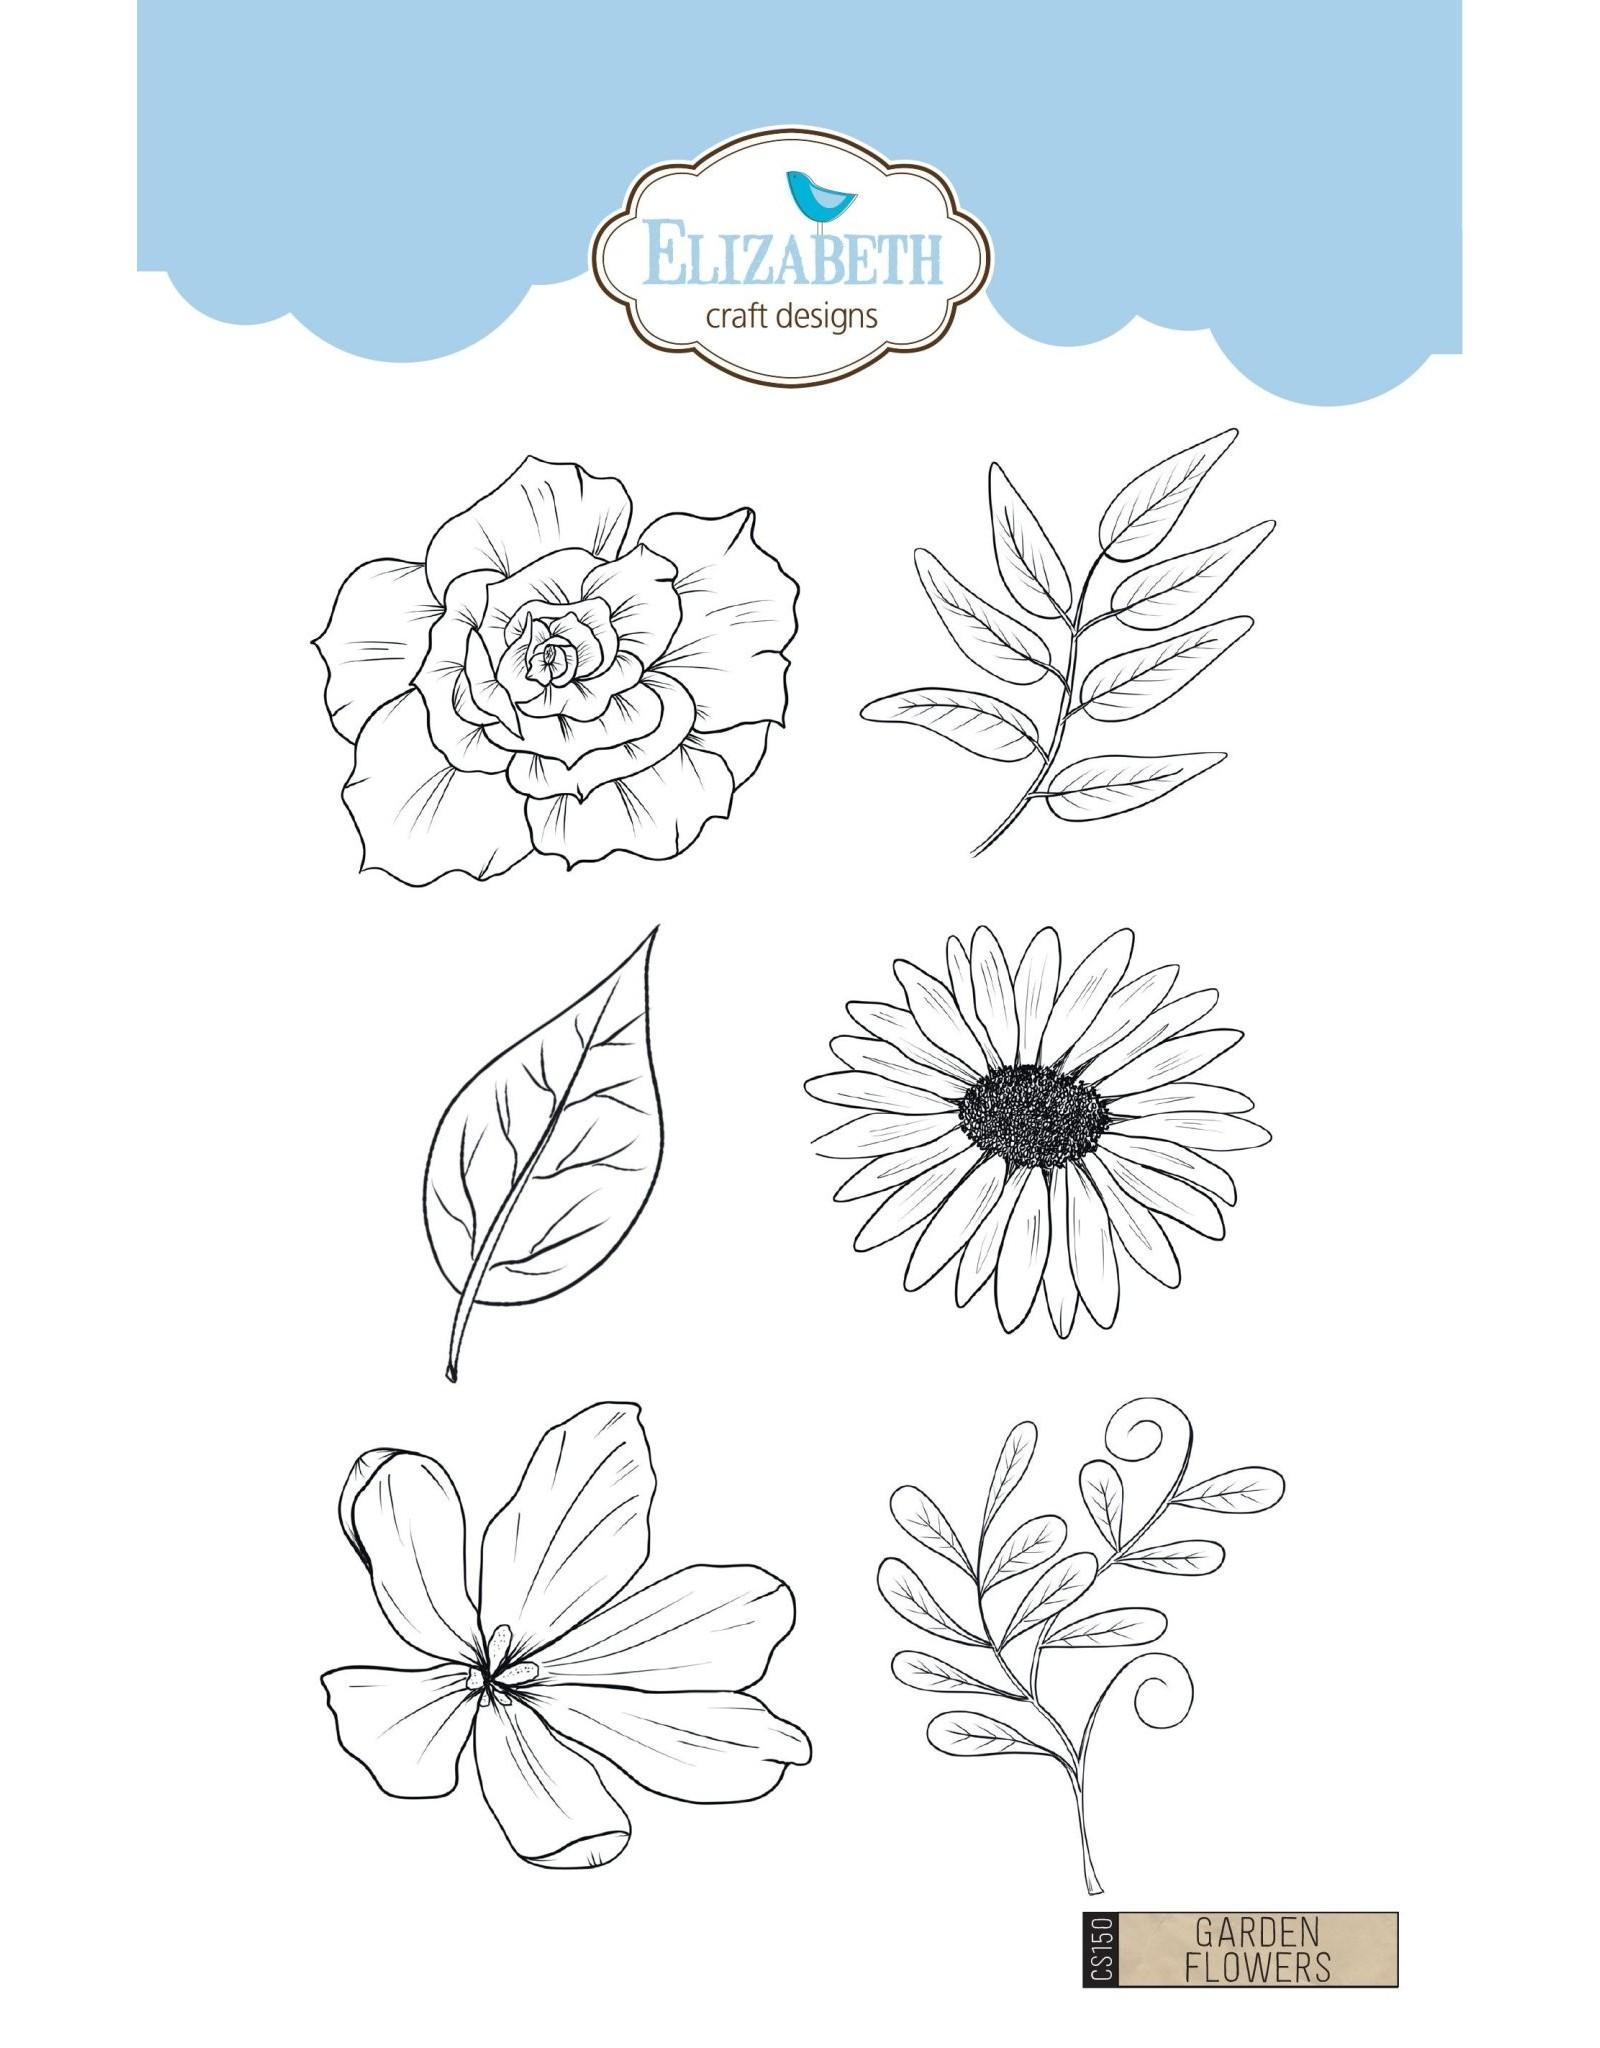 Elizabeth Craft Designs Elizabeth Craft Designs Garden Flowers CS150 Charlene vd Vorst